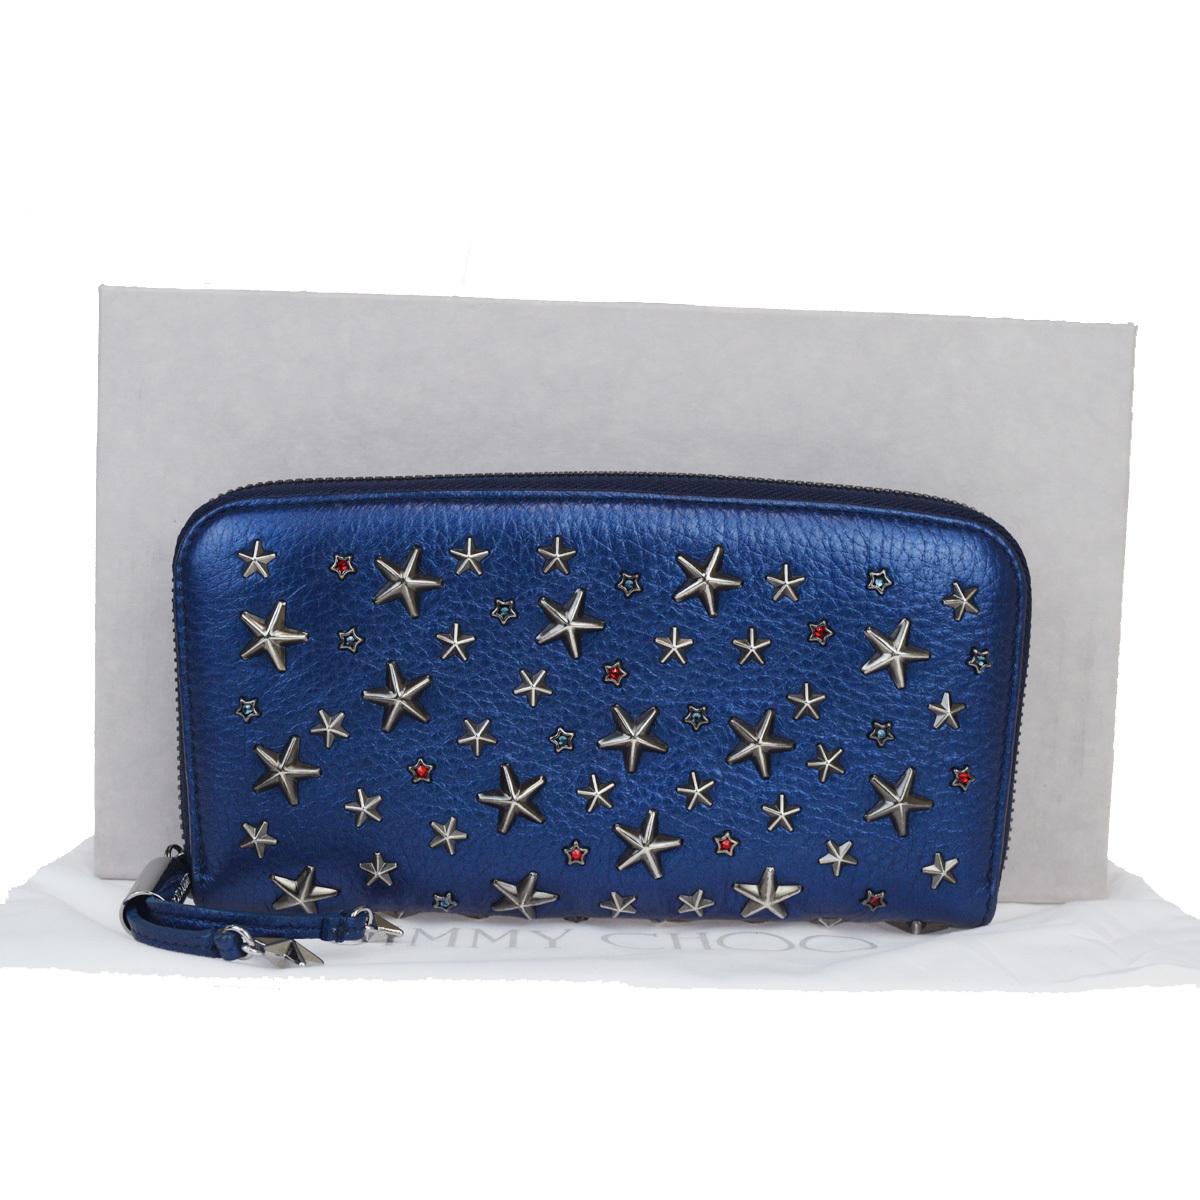 ジミーチュウ(Jimmy Choo) スタッズ レザー 長財布(二つ折り) ブルー